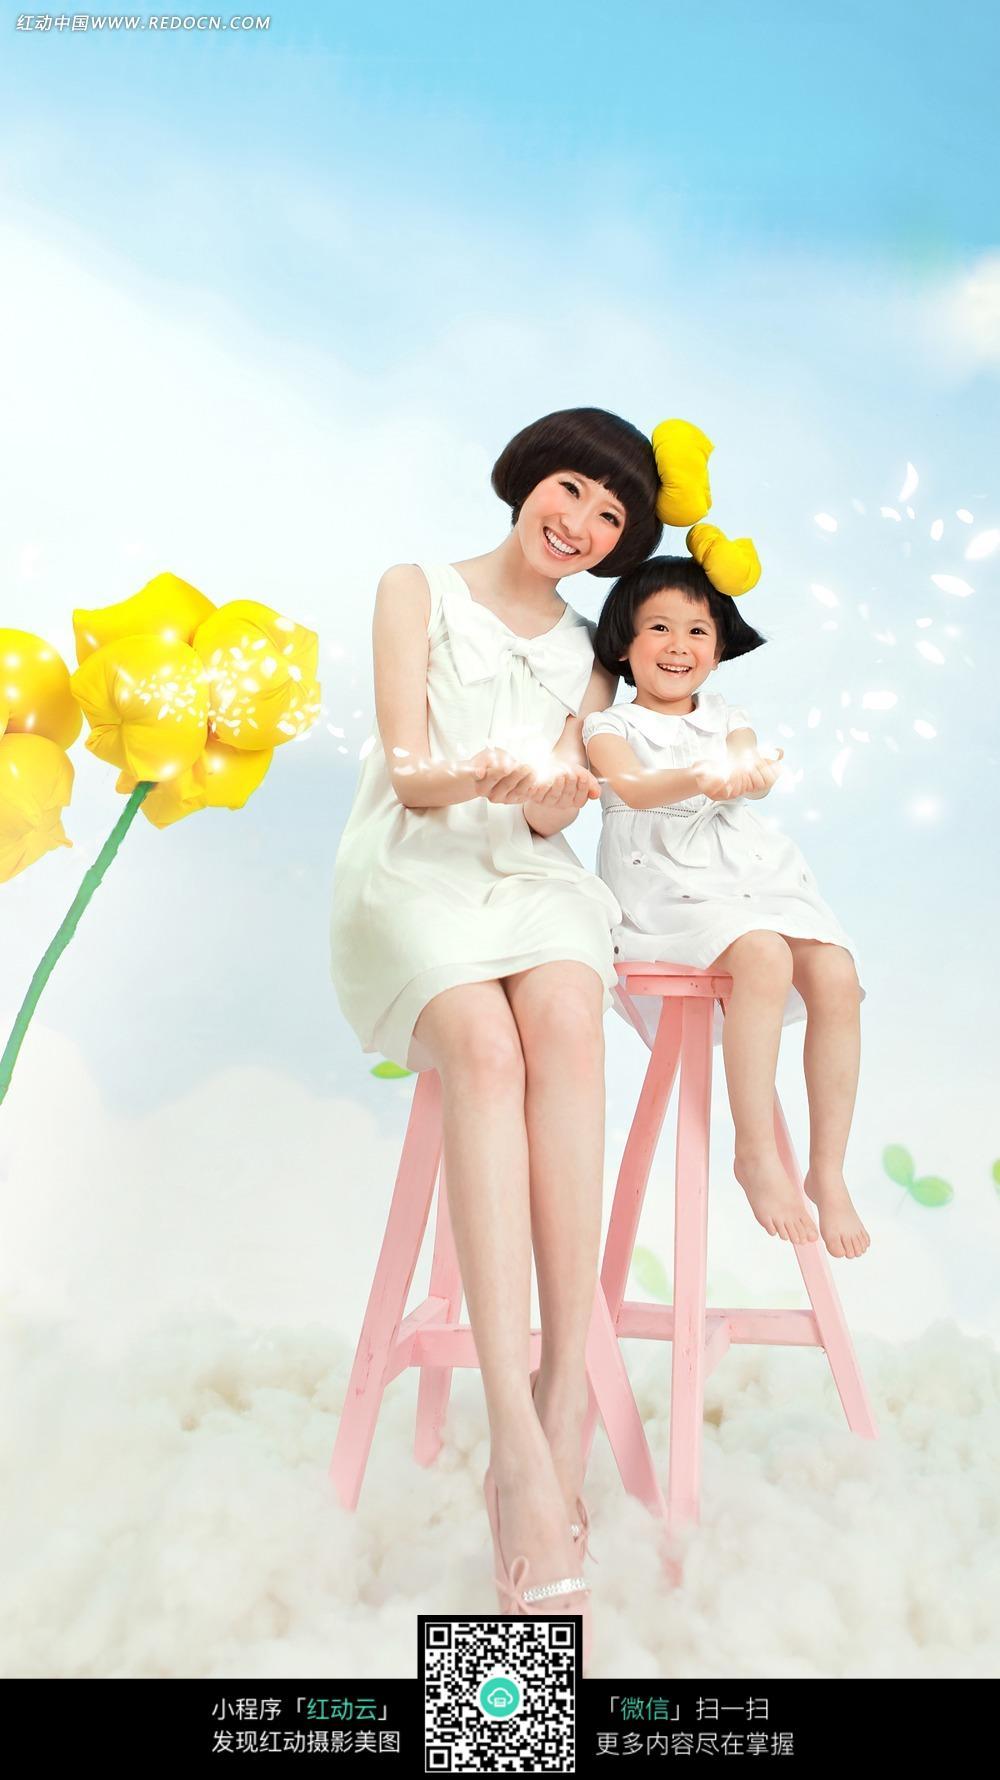 免费素材 图片素材 人物图片 儿童幼儿 小清新母子写真照